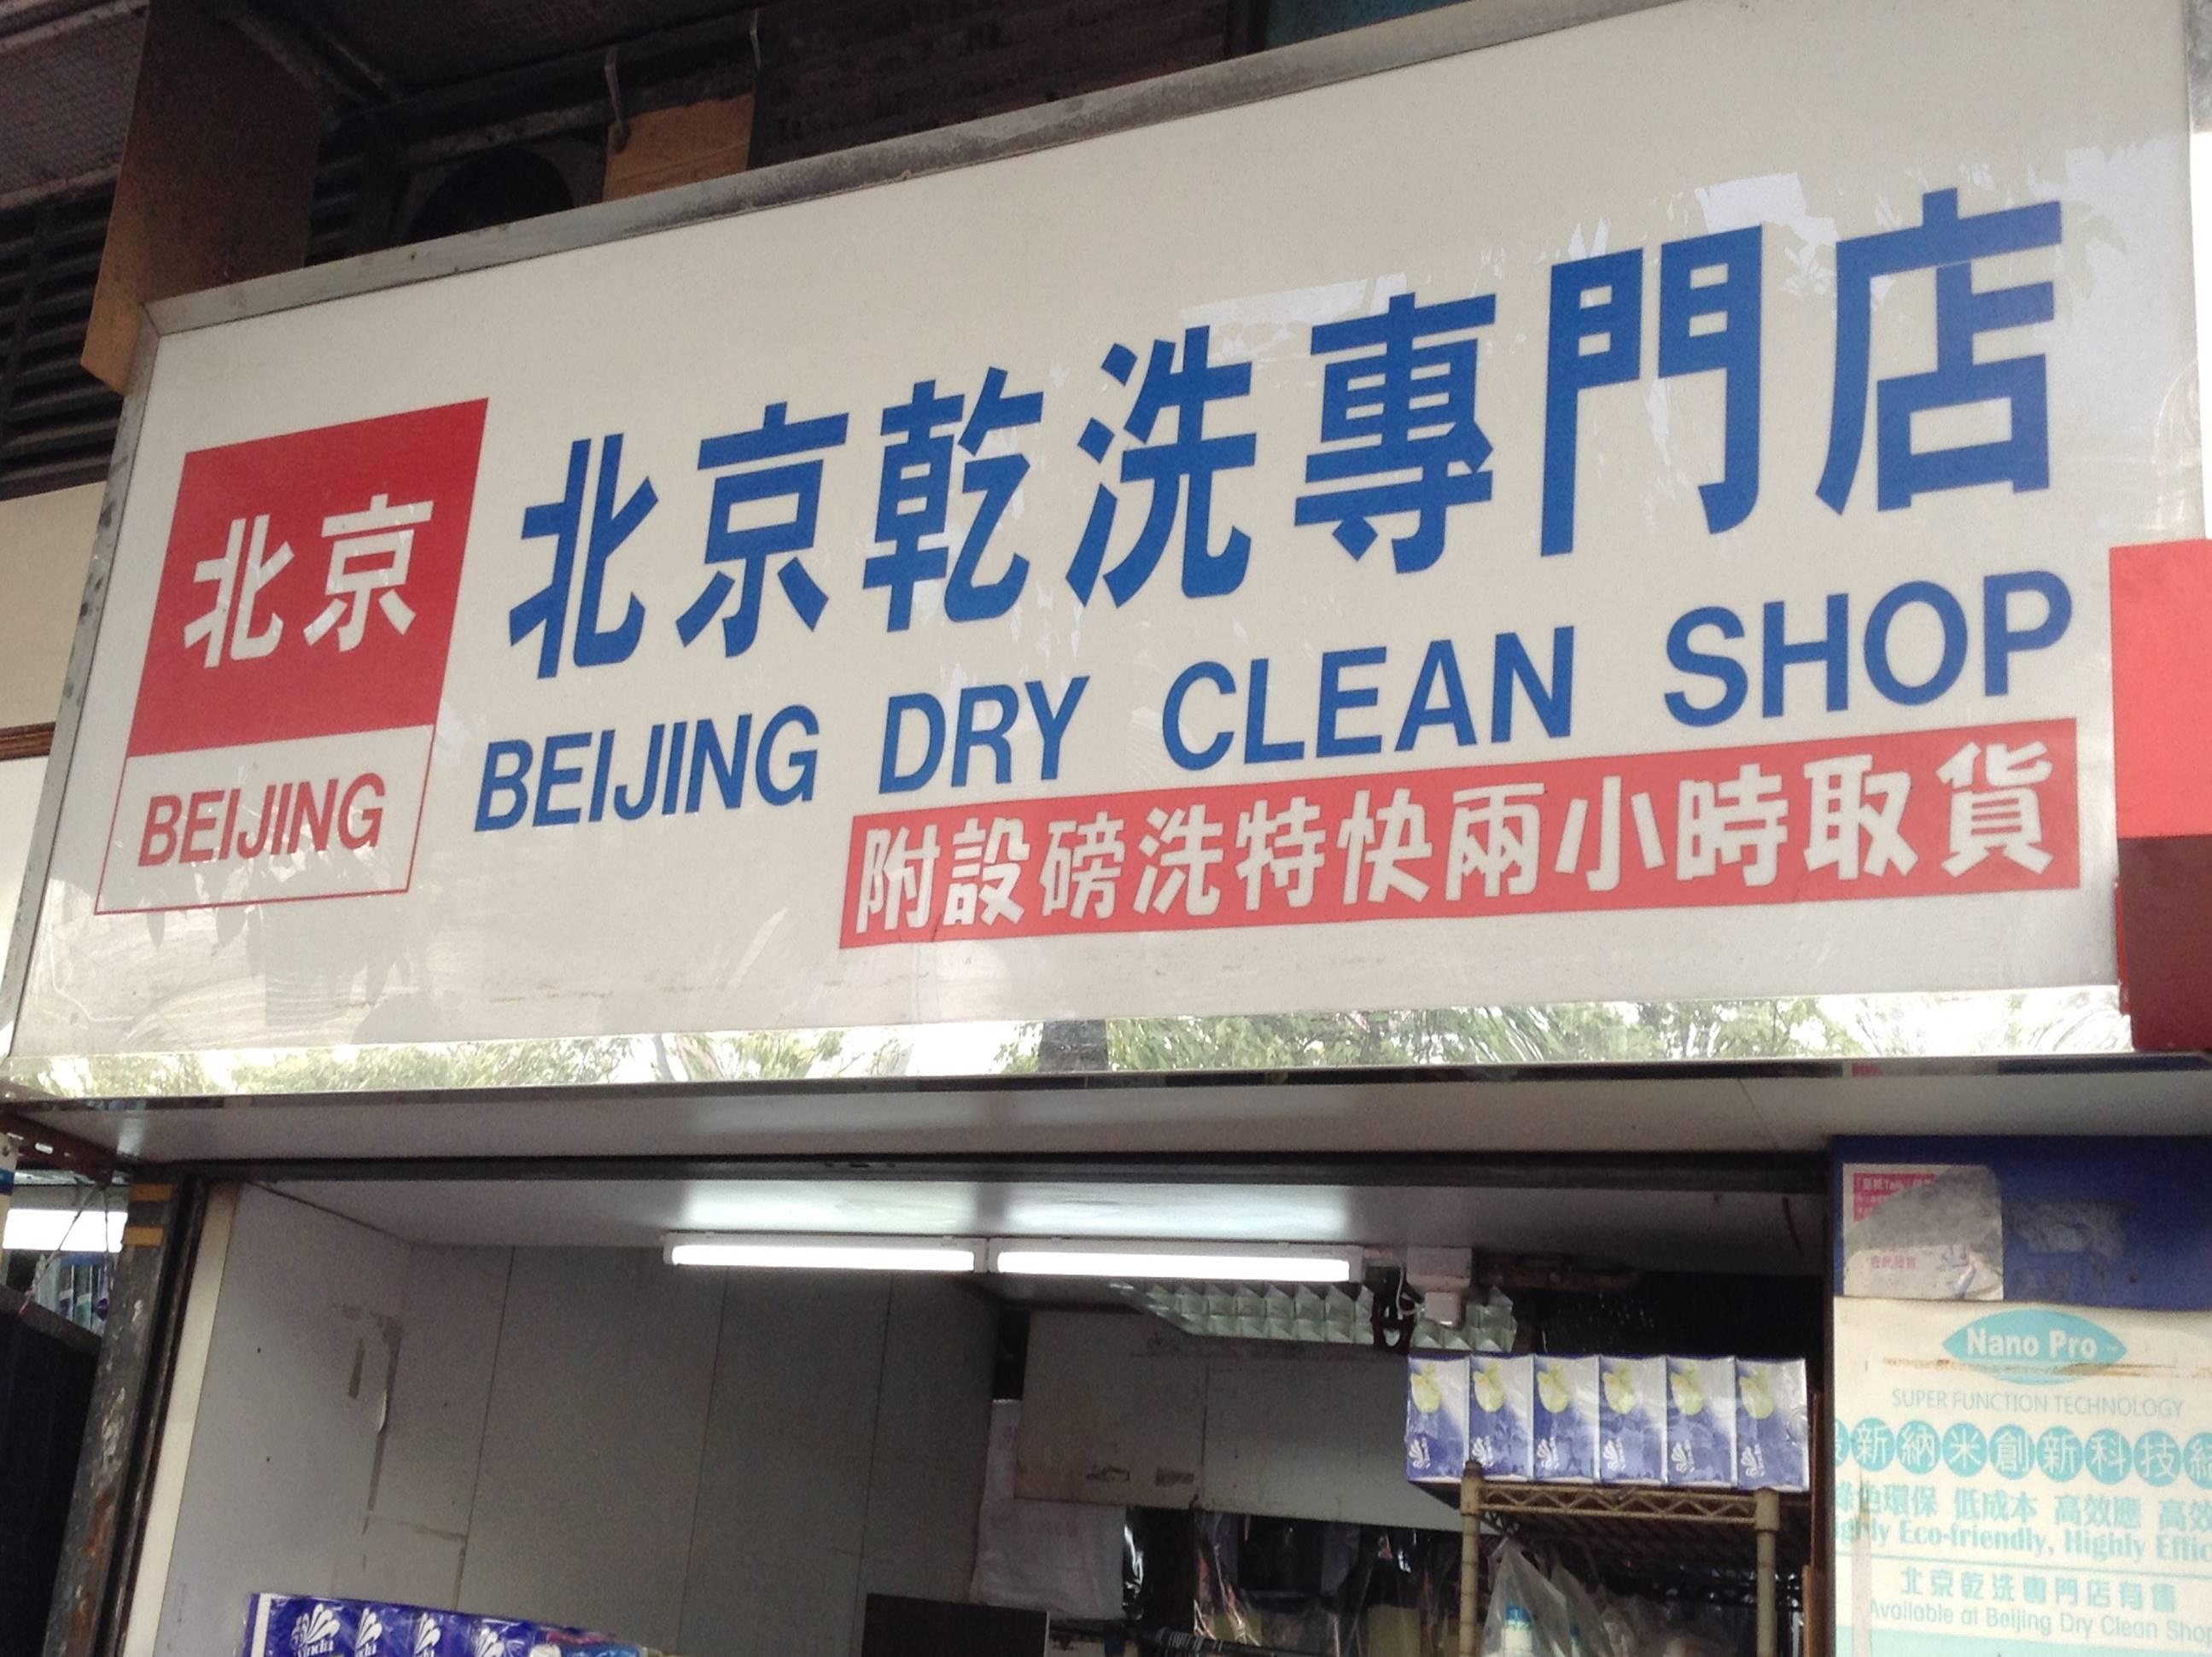 北京乾洗專門店